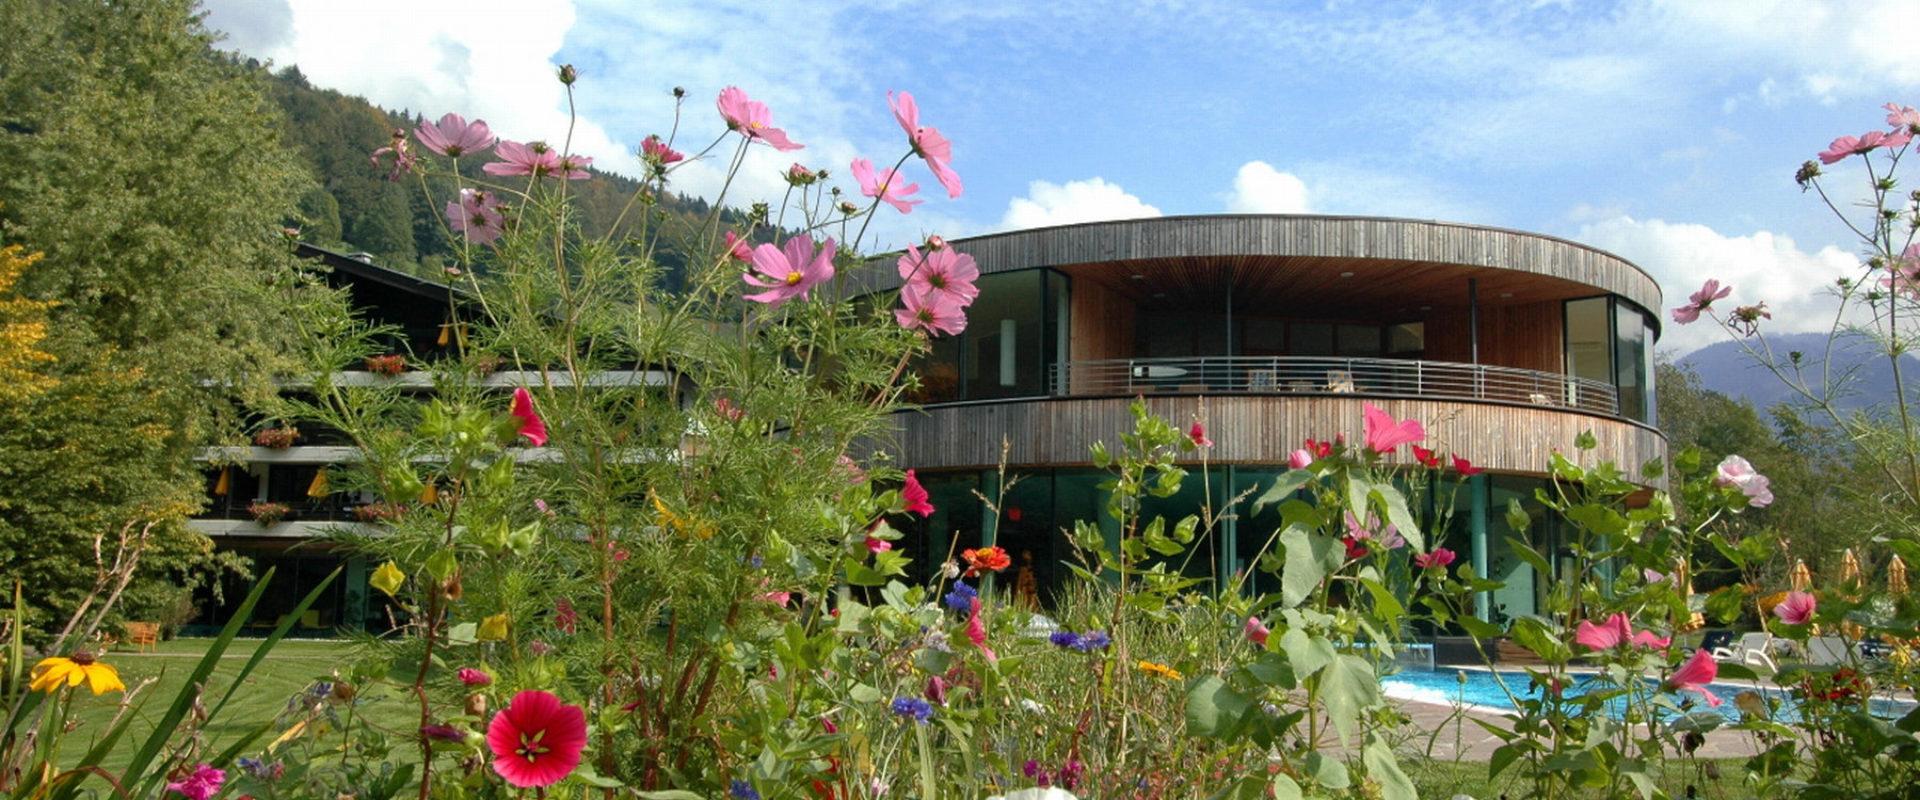 Gesundhotel Bad Reuthe © N.N. / Gesundhotel Bad Reuthe